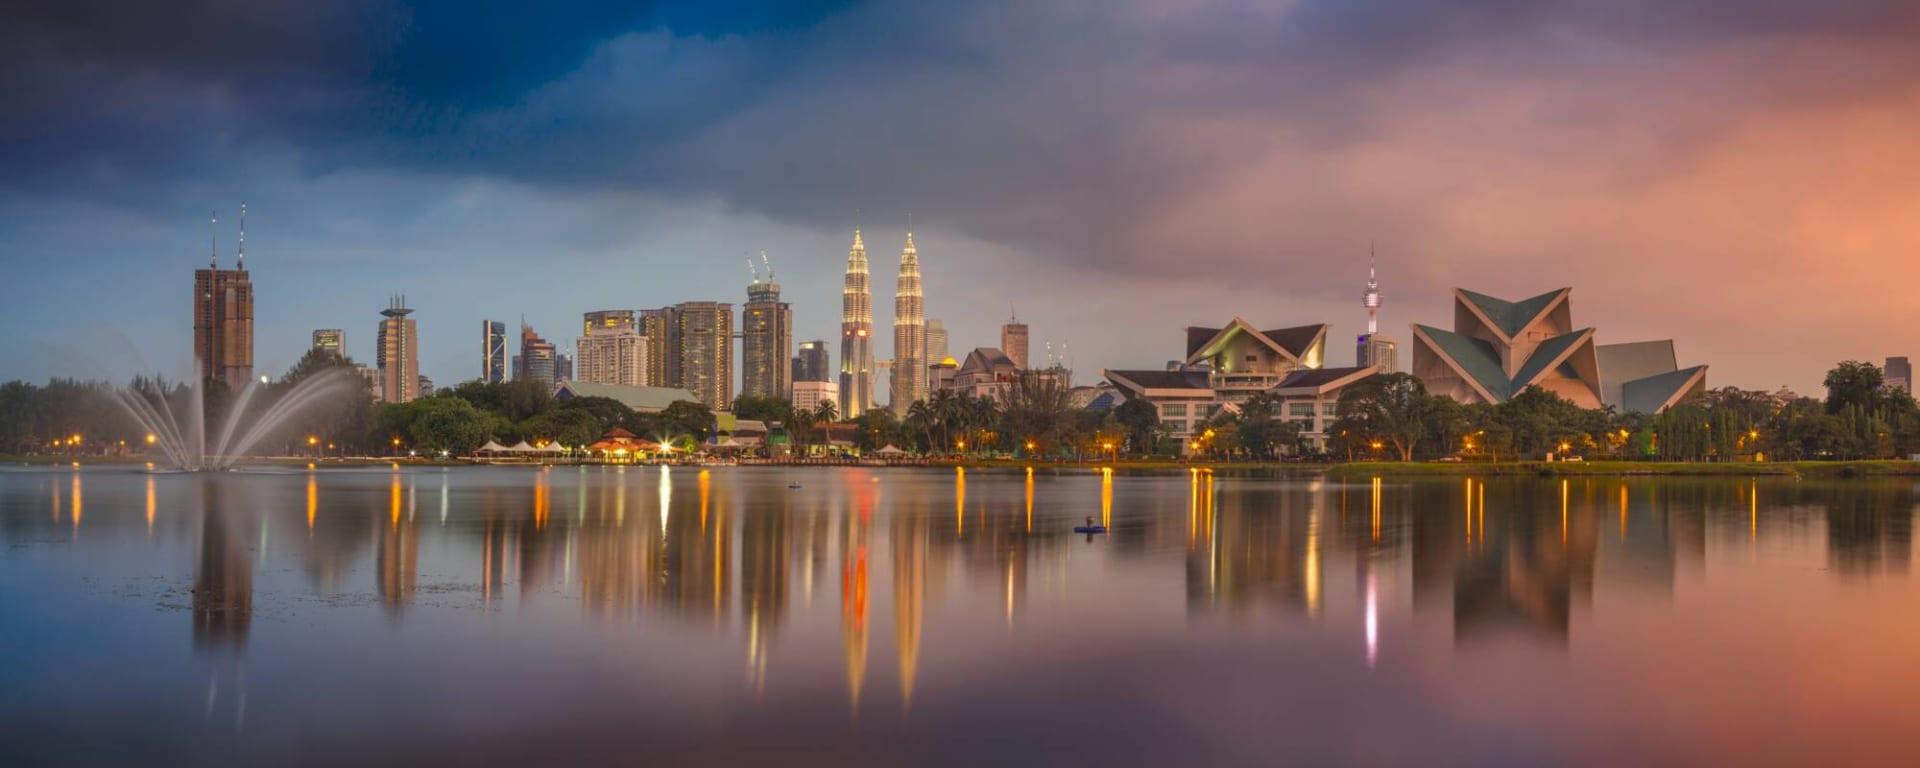 Stadtrundfahrt Kuala Lumpur, EN, Halbtägig: Malaysia Kuala Lumpur Stadtpanorama